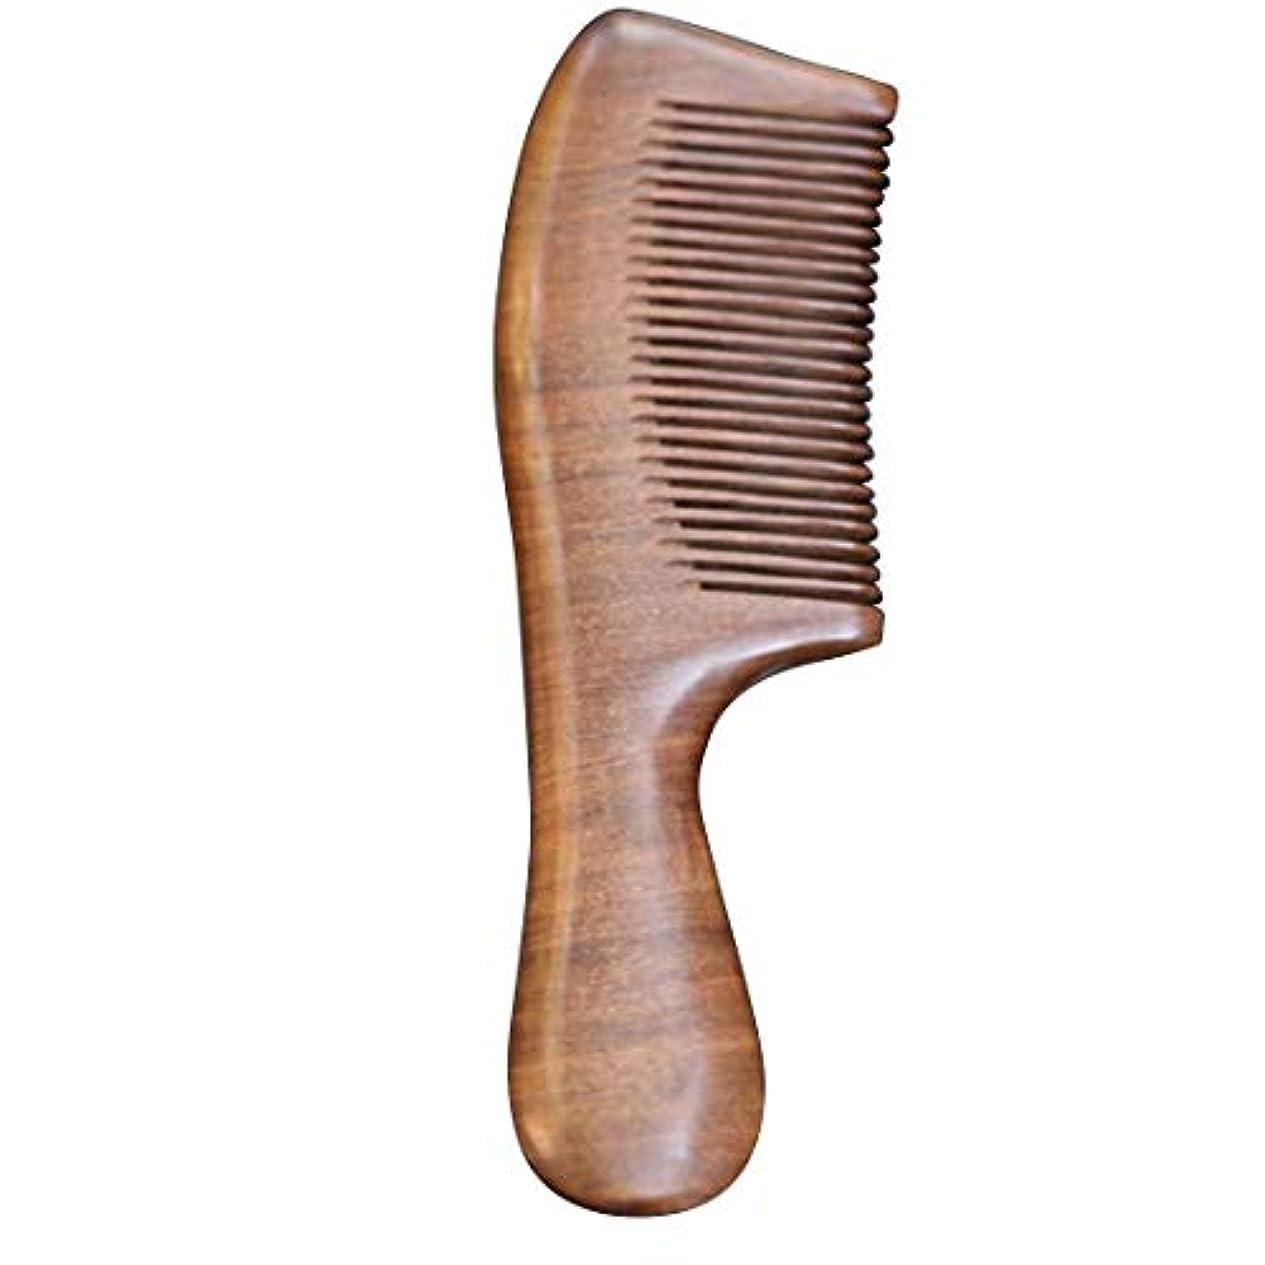 貞抽選蘇生するGuomao ファミリーのヘアコーム-静電気防止木材と手つかずの手作りブラシ (色 : ゴールド)